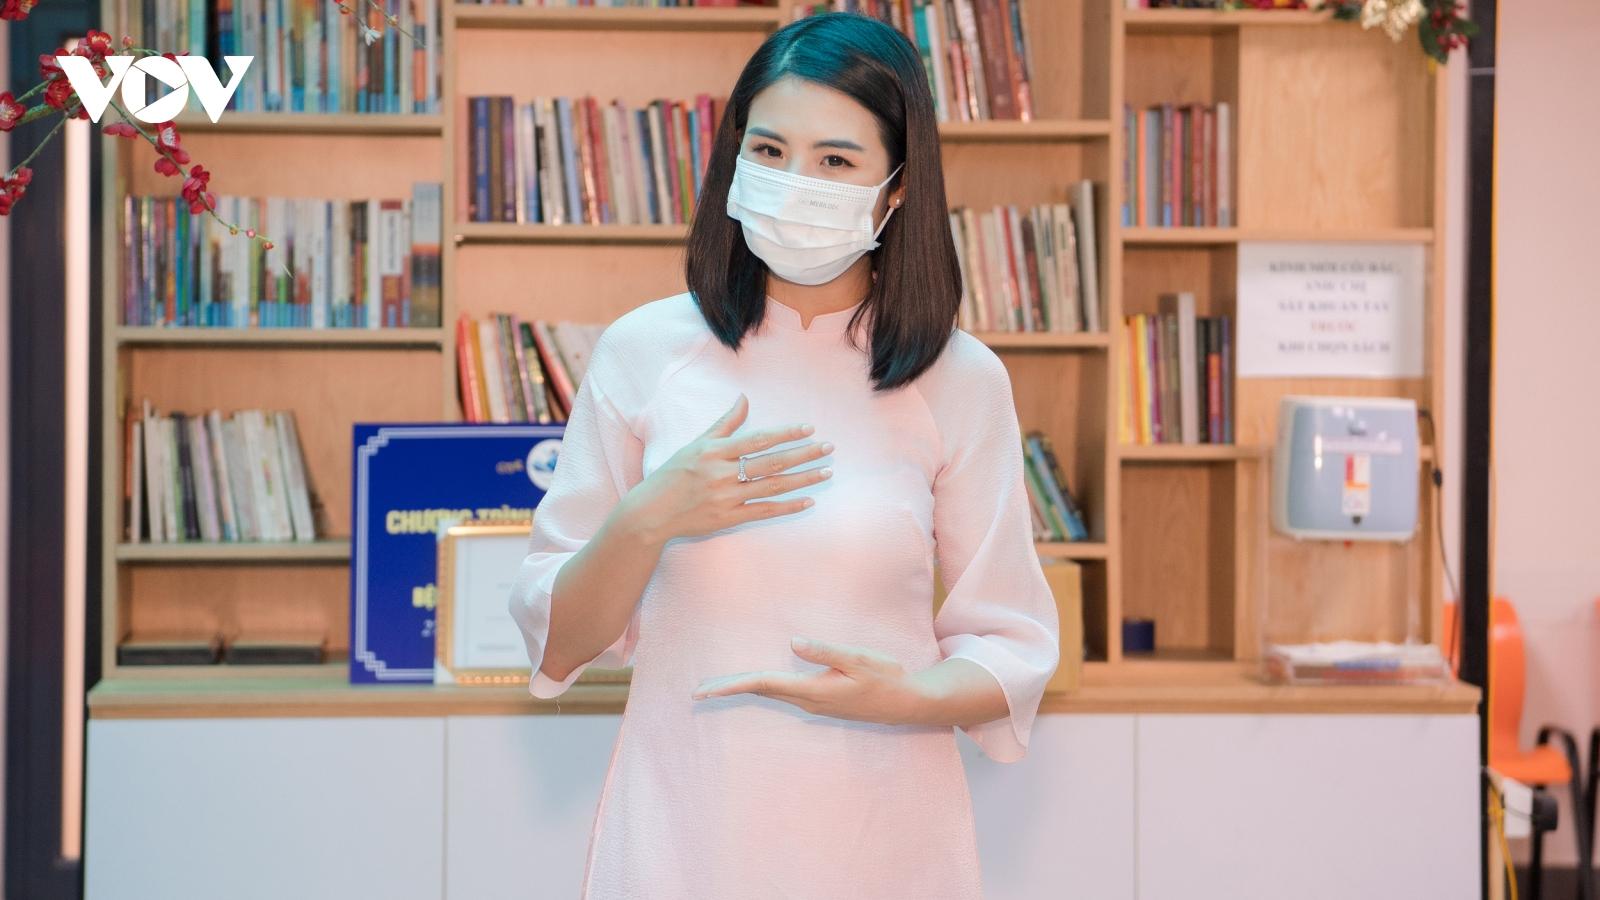 Hoa hậu Ngọc Hân trao tặng sách tại bệnh viện Lão khoa Trung ương